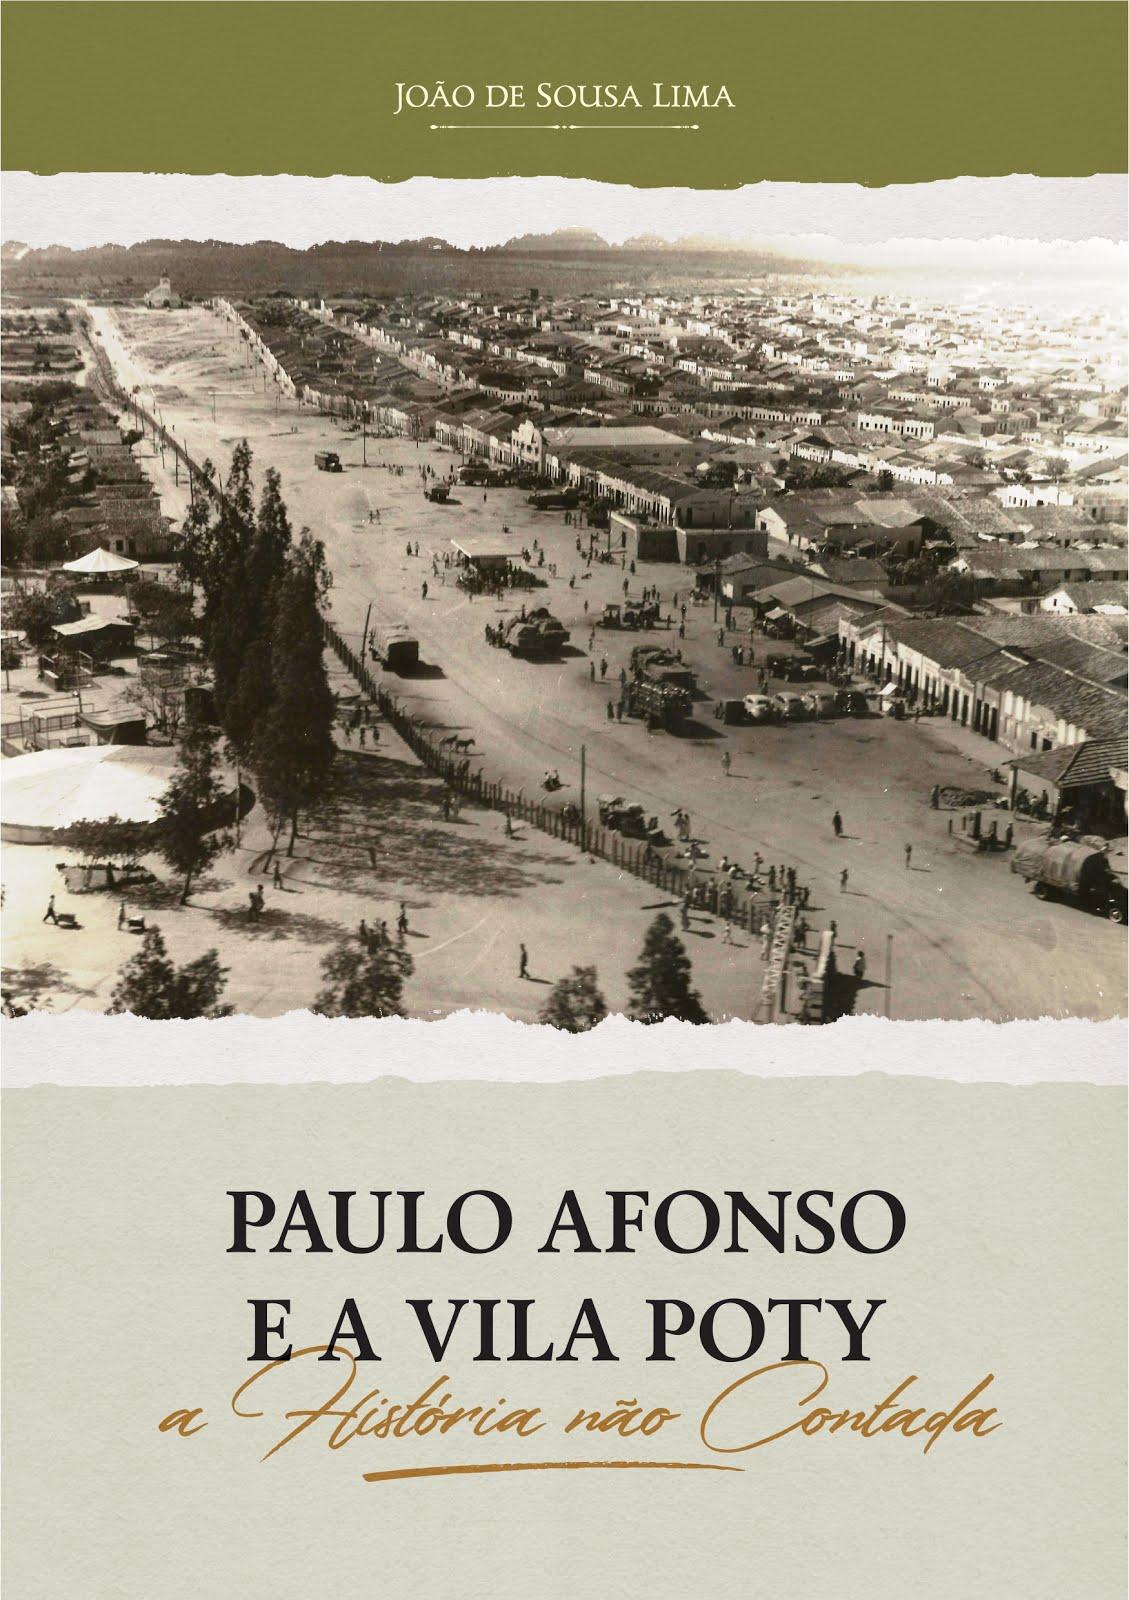 PAULO AFONSO E A VILA POTY: A HISTÓRIA NÃO CONTADA